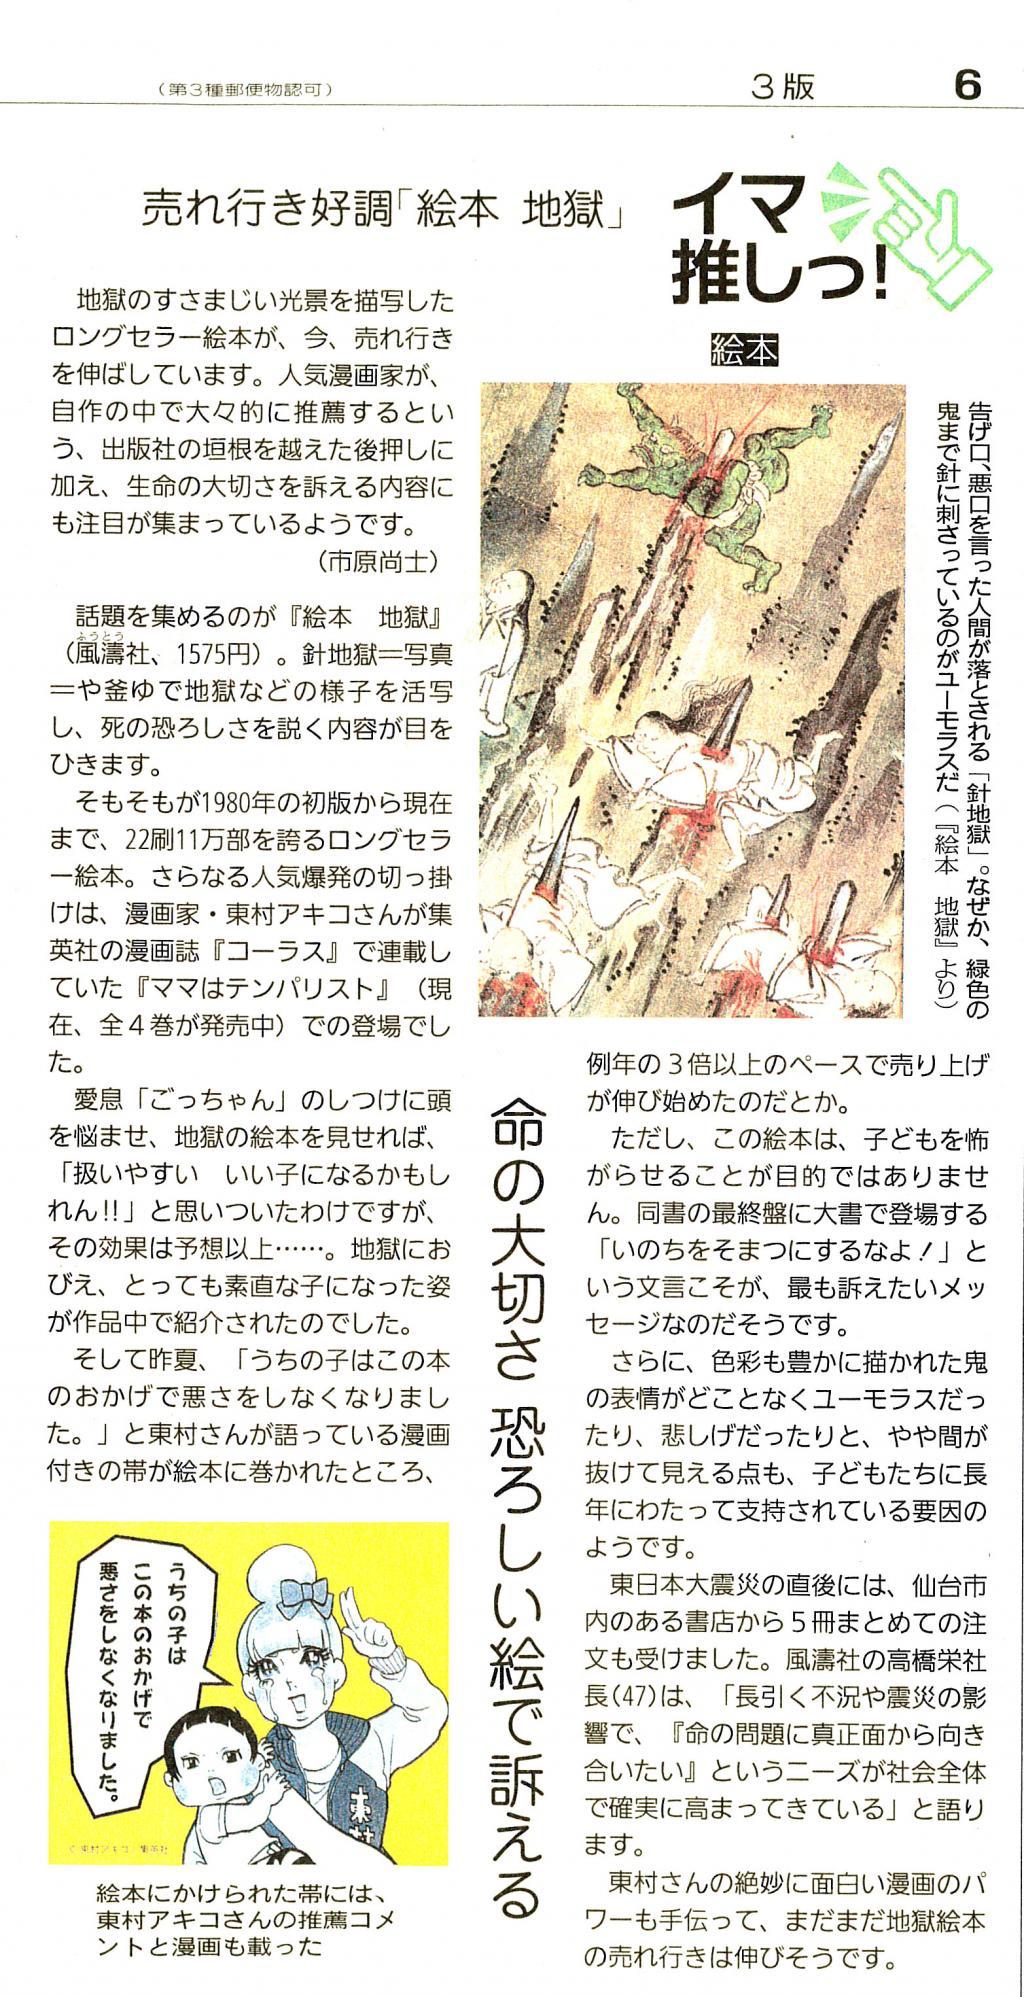 「読売」地獄_convert_20120228221928